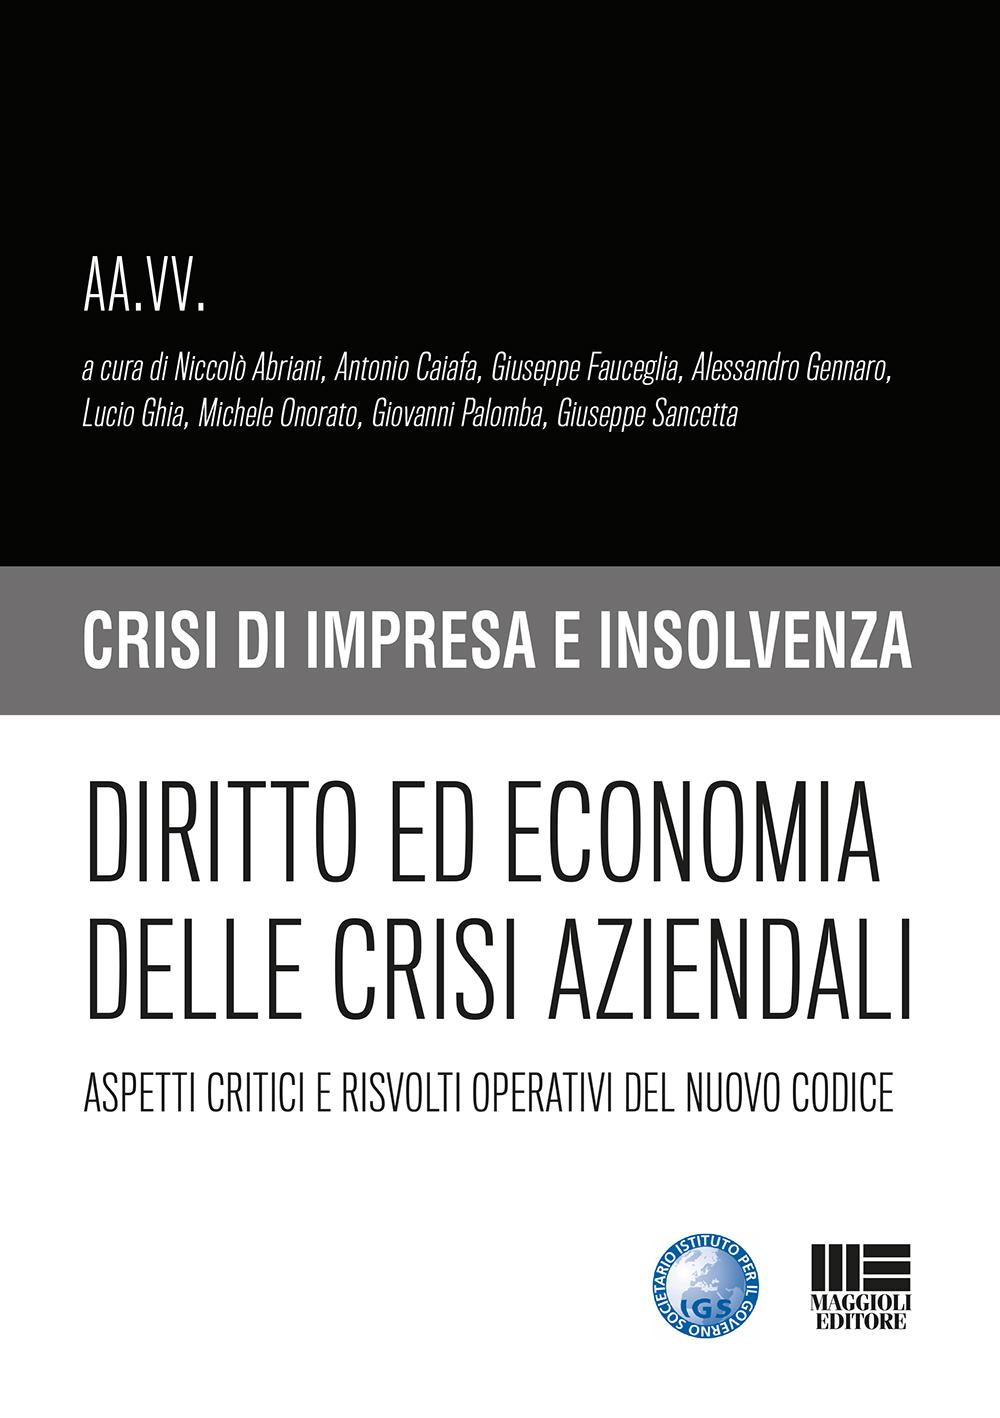 Diritto ed economia delle crisi aziendali-Libro Carta